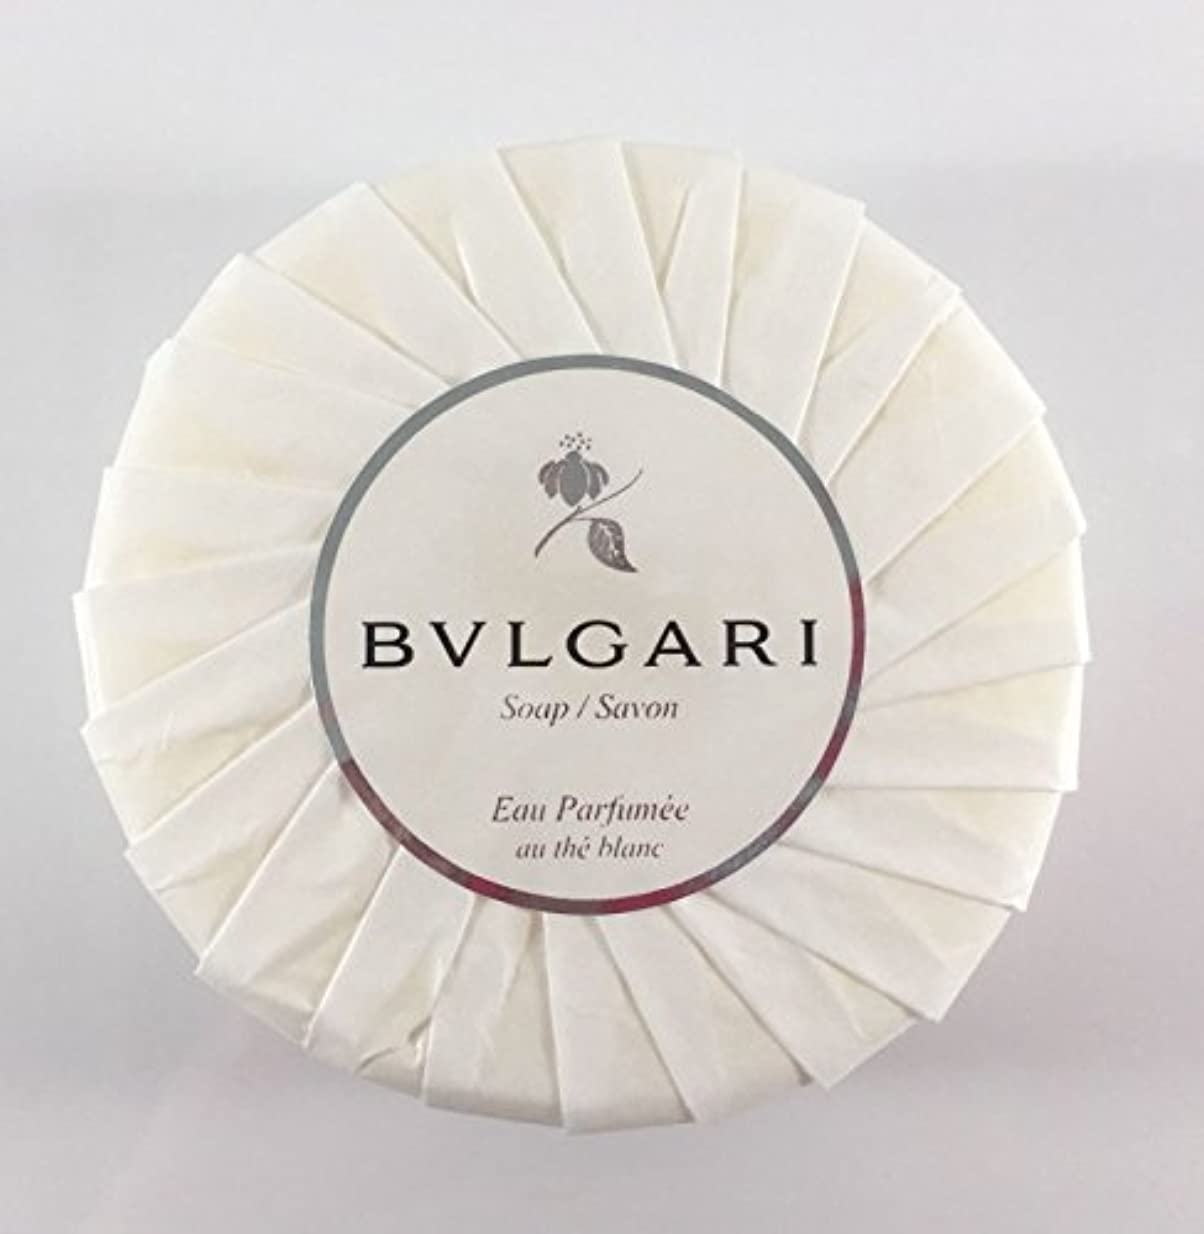 誘う部分権利を与えるブルガリ オ?パフメ オーテブラン デラックスソープ150g BVLGARI Bvlgari Eau Parfumee au the blanc White Soap